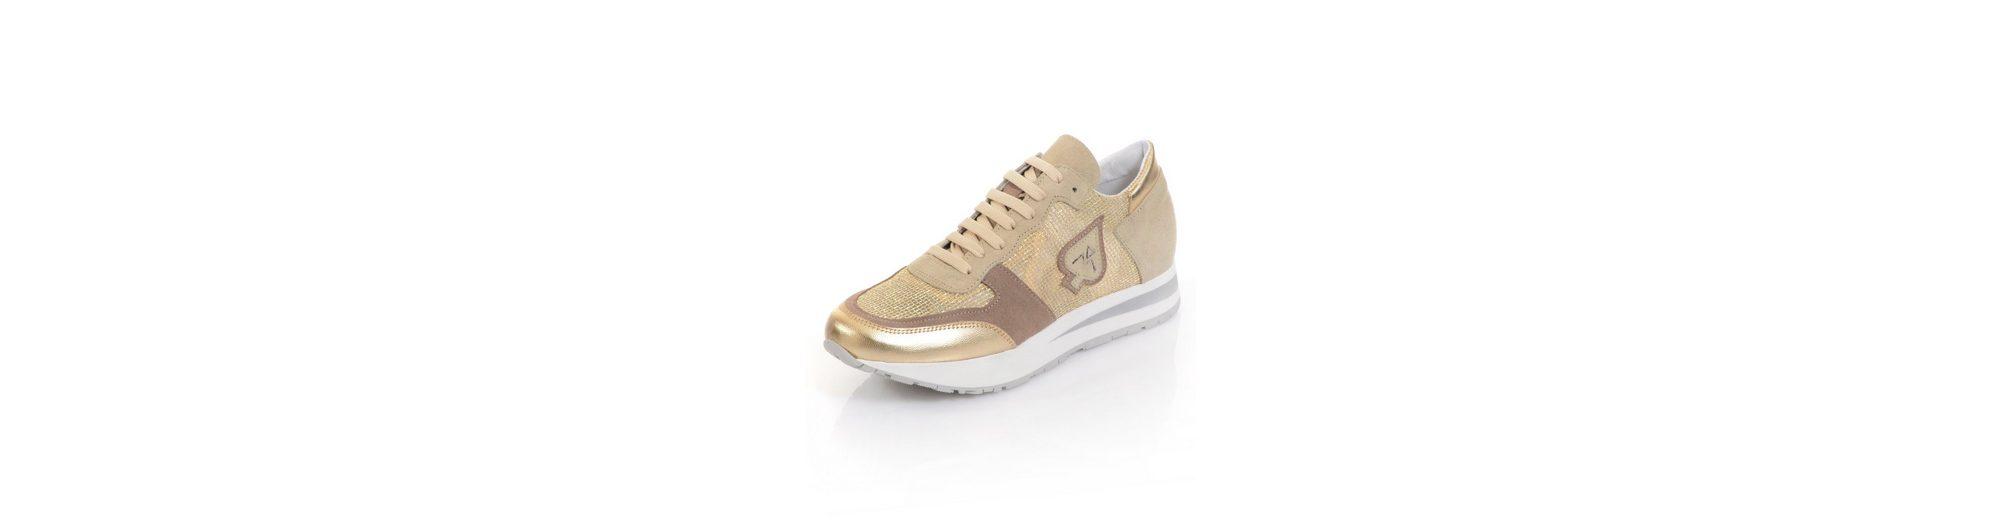 Alba Moda Sneaker in sportiver Form Freies Verschiffen Preiswerter Preis Rabatt Modische Wirklich Online Rabatt Footlocker XDtb0VyDGx